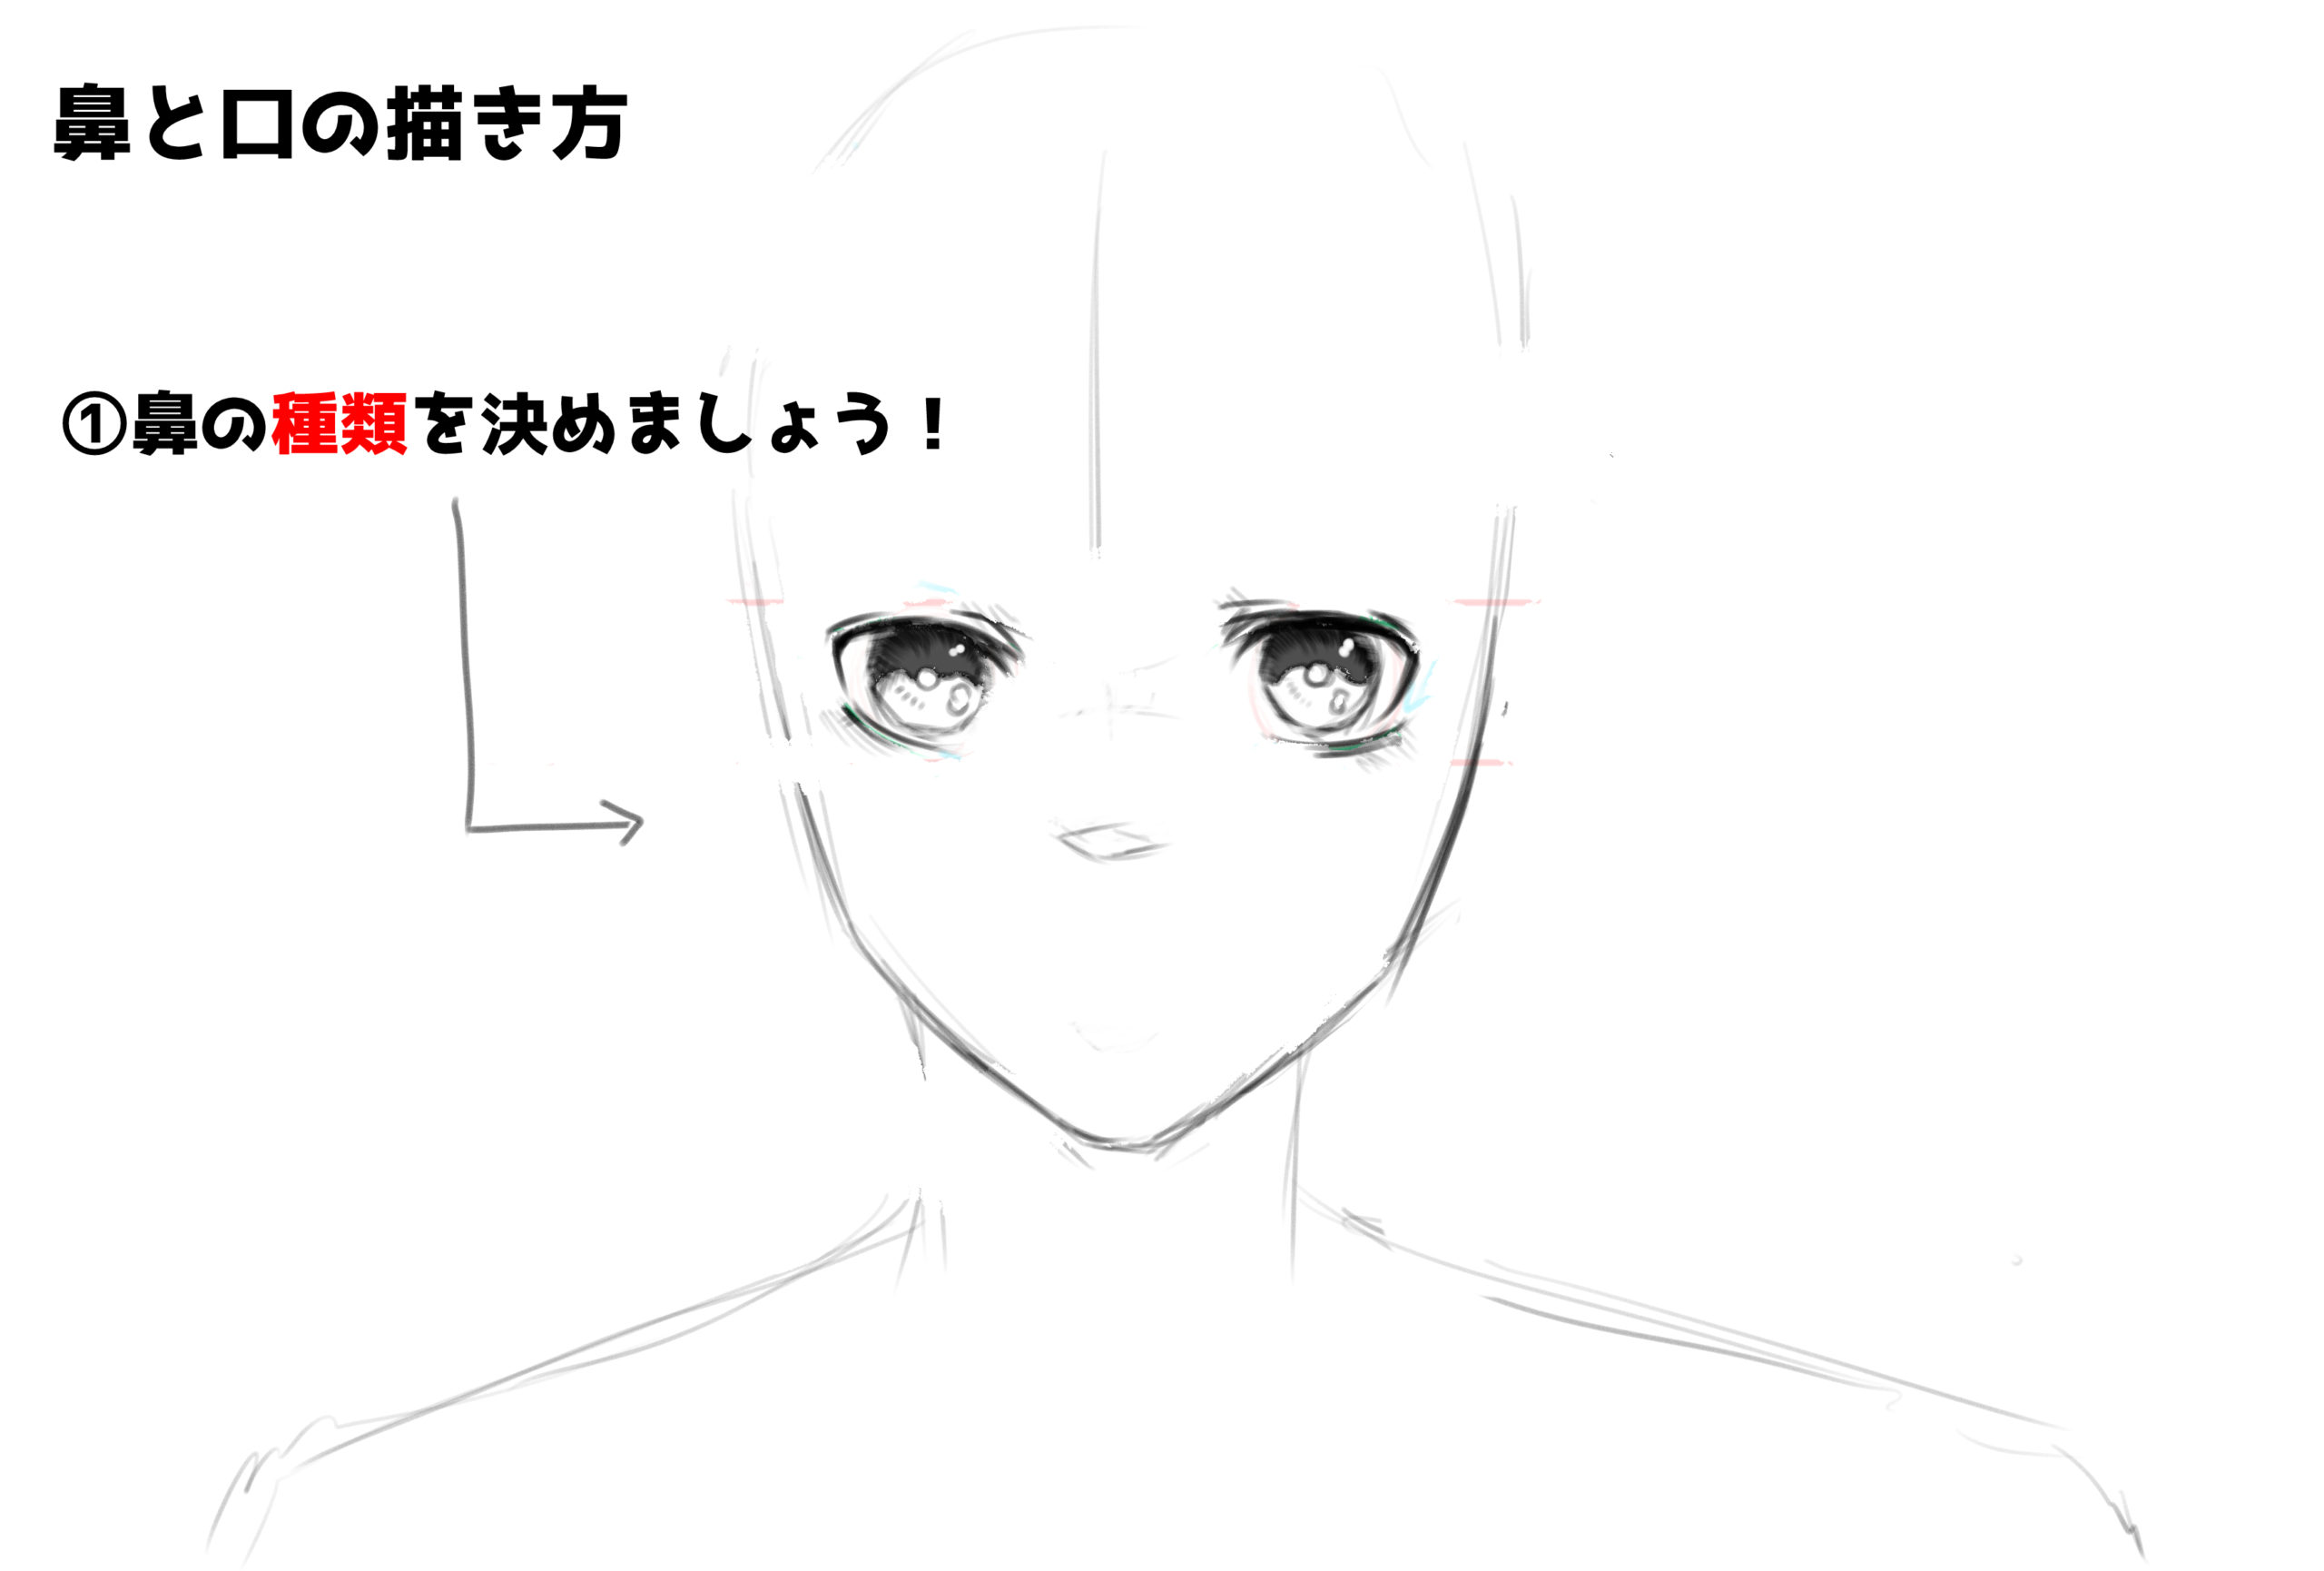 鼻の描き方③